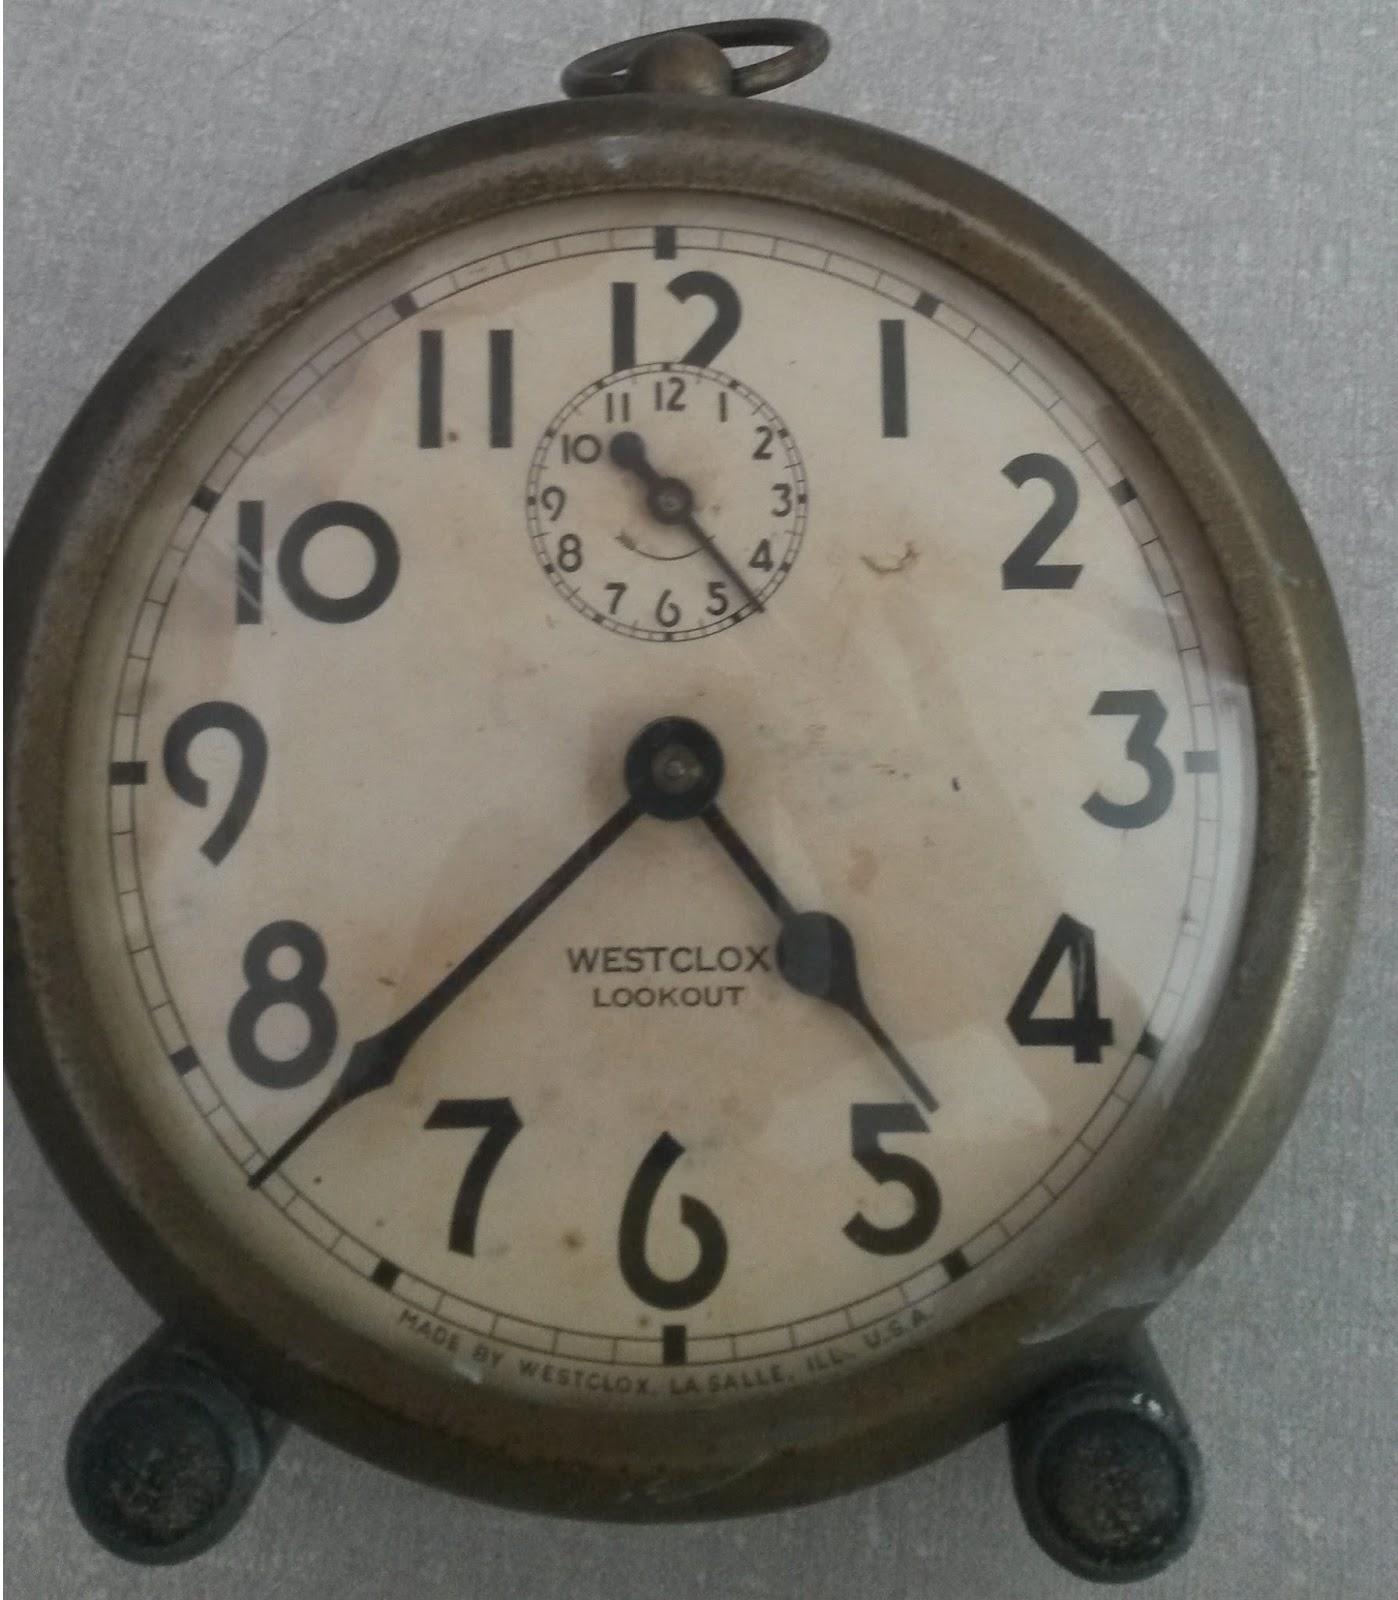 4c6b878ba39 Despertadores dessa marca Westclox foram fabricados em grande escala no  Brasil na década de 70 e 80